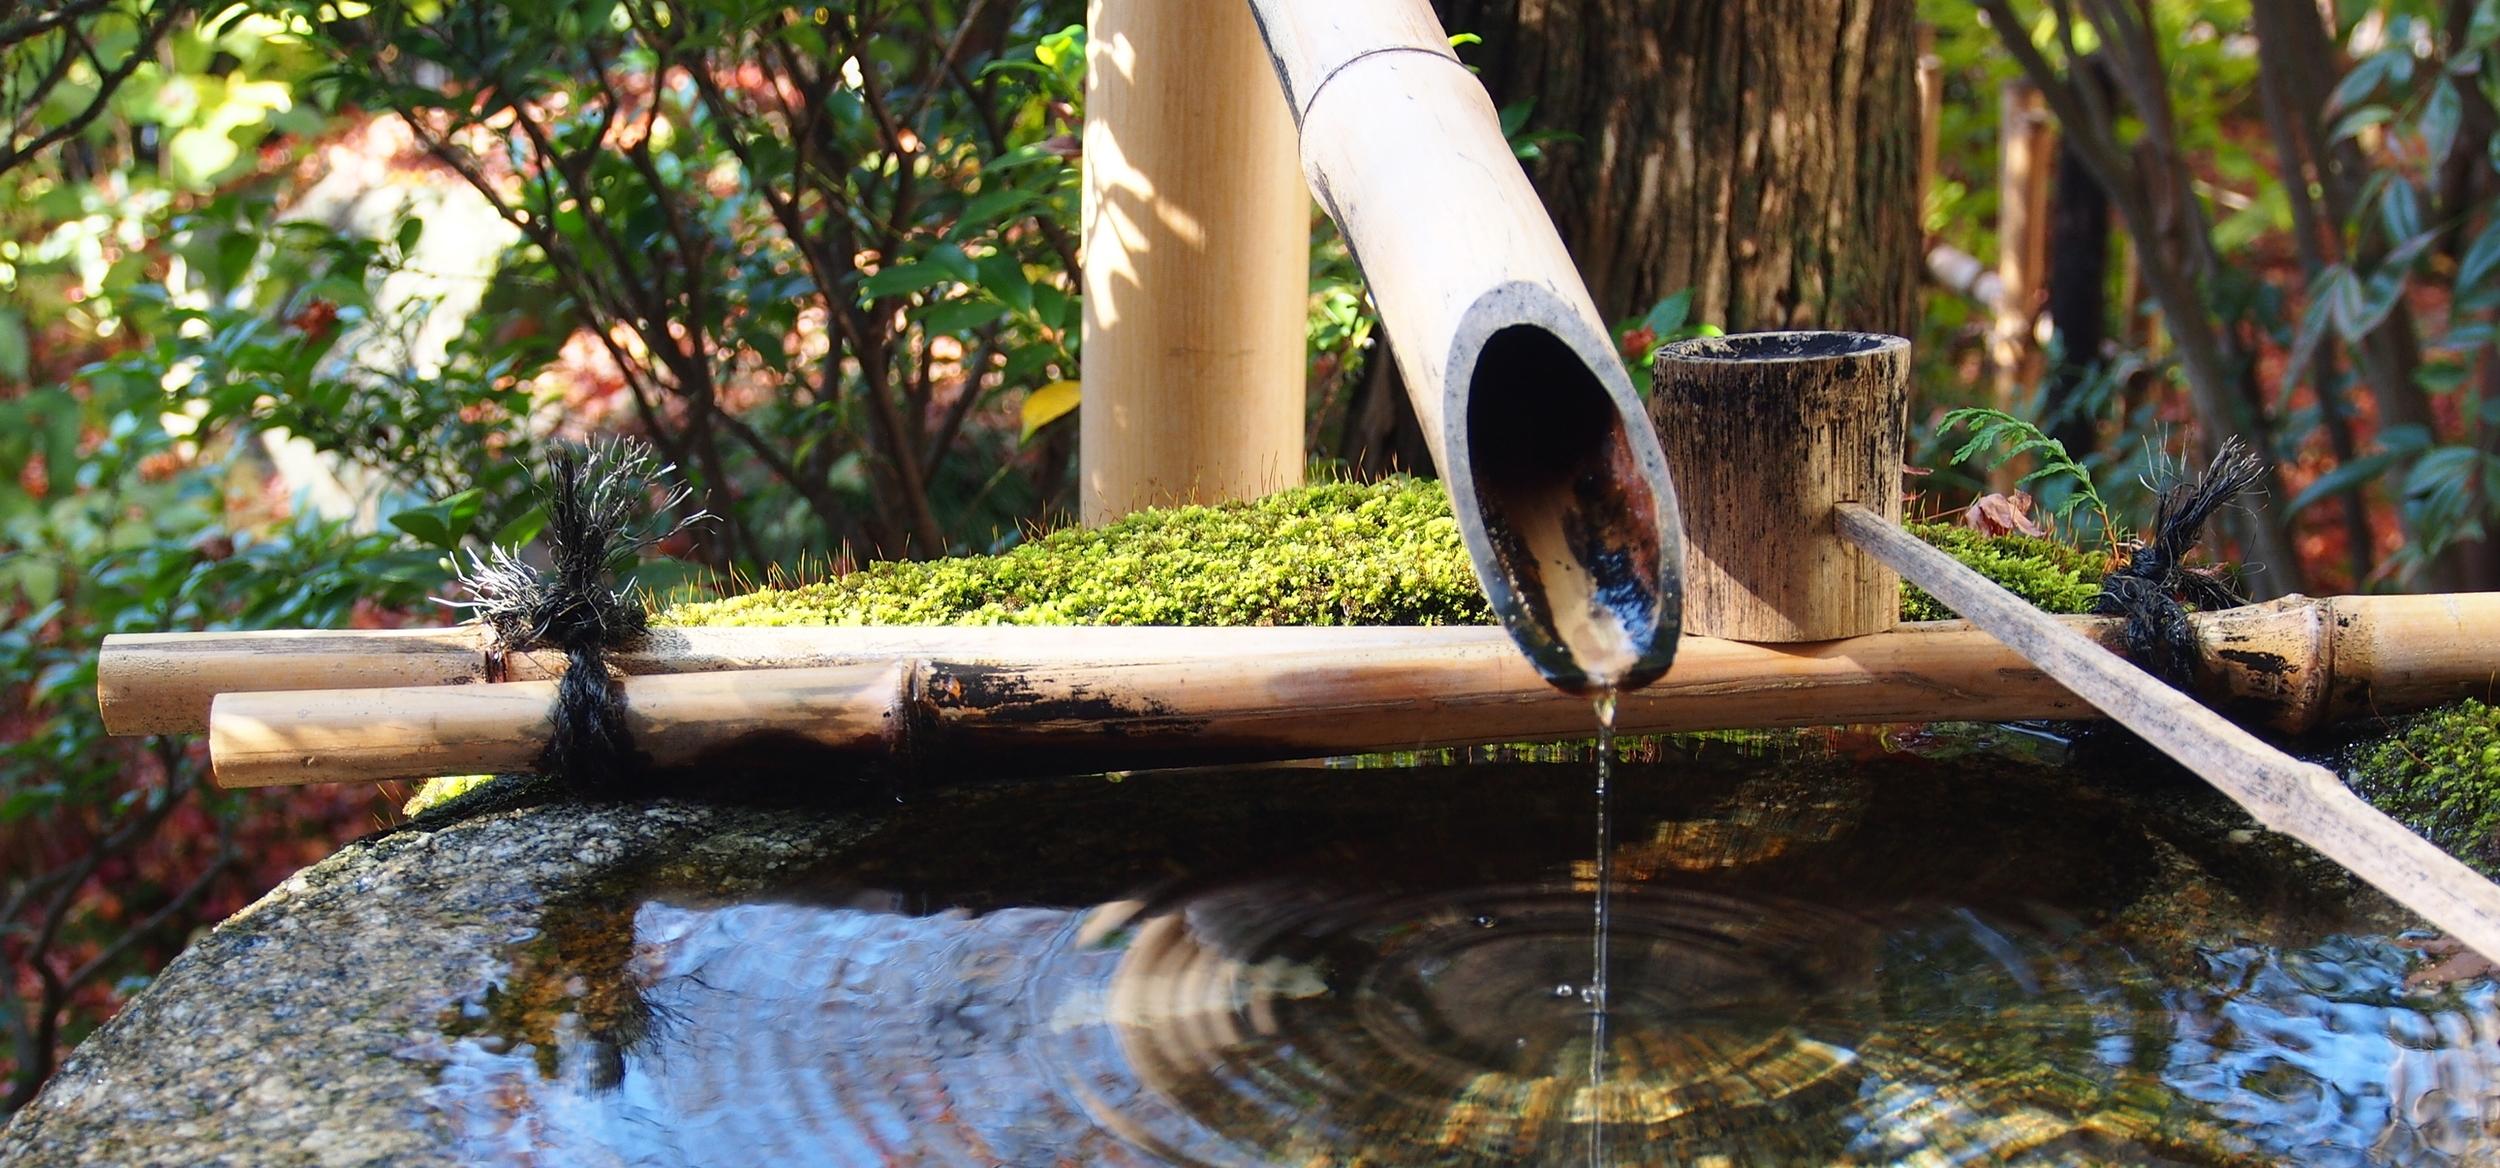 Japanese Garden Basin